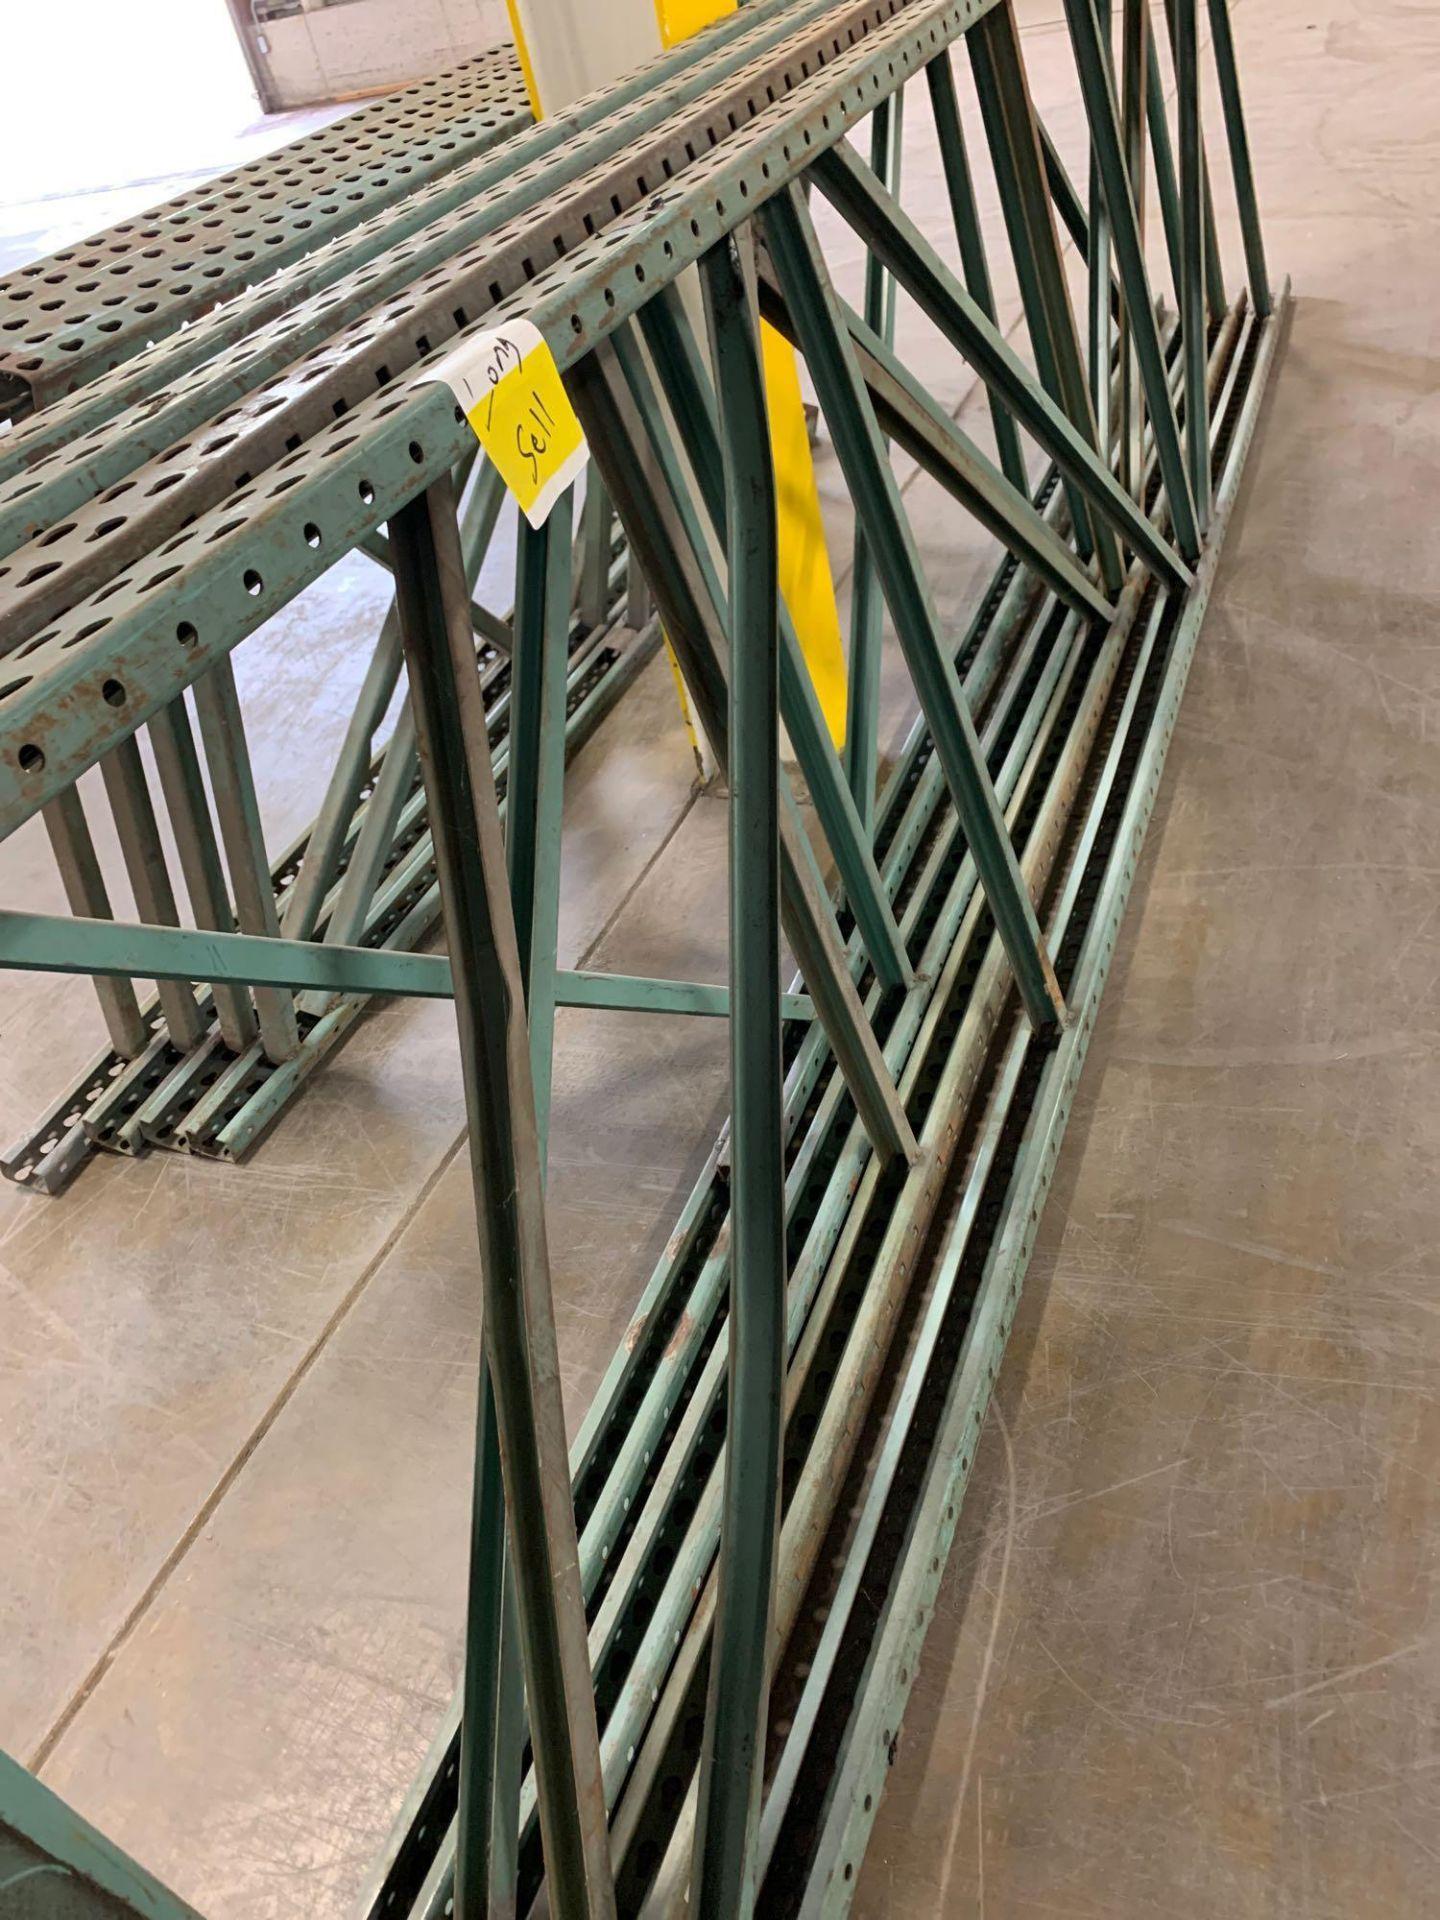 (4) Pallet Rack Uprights - Image 3 of 3